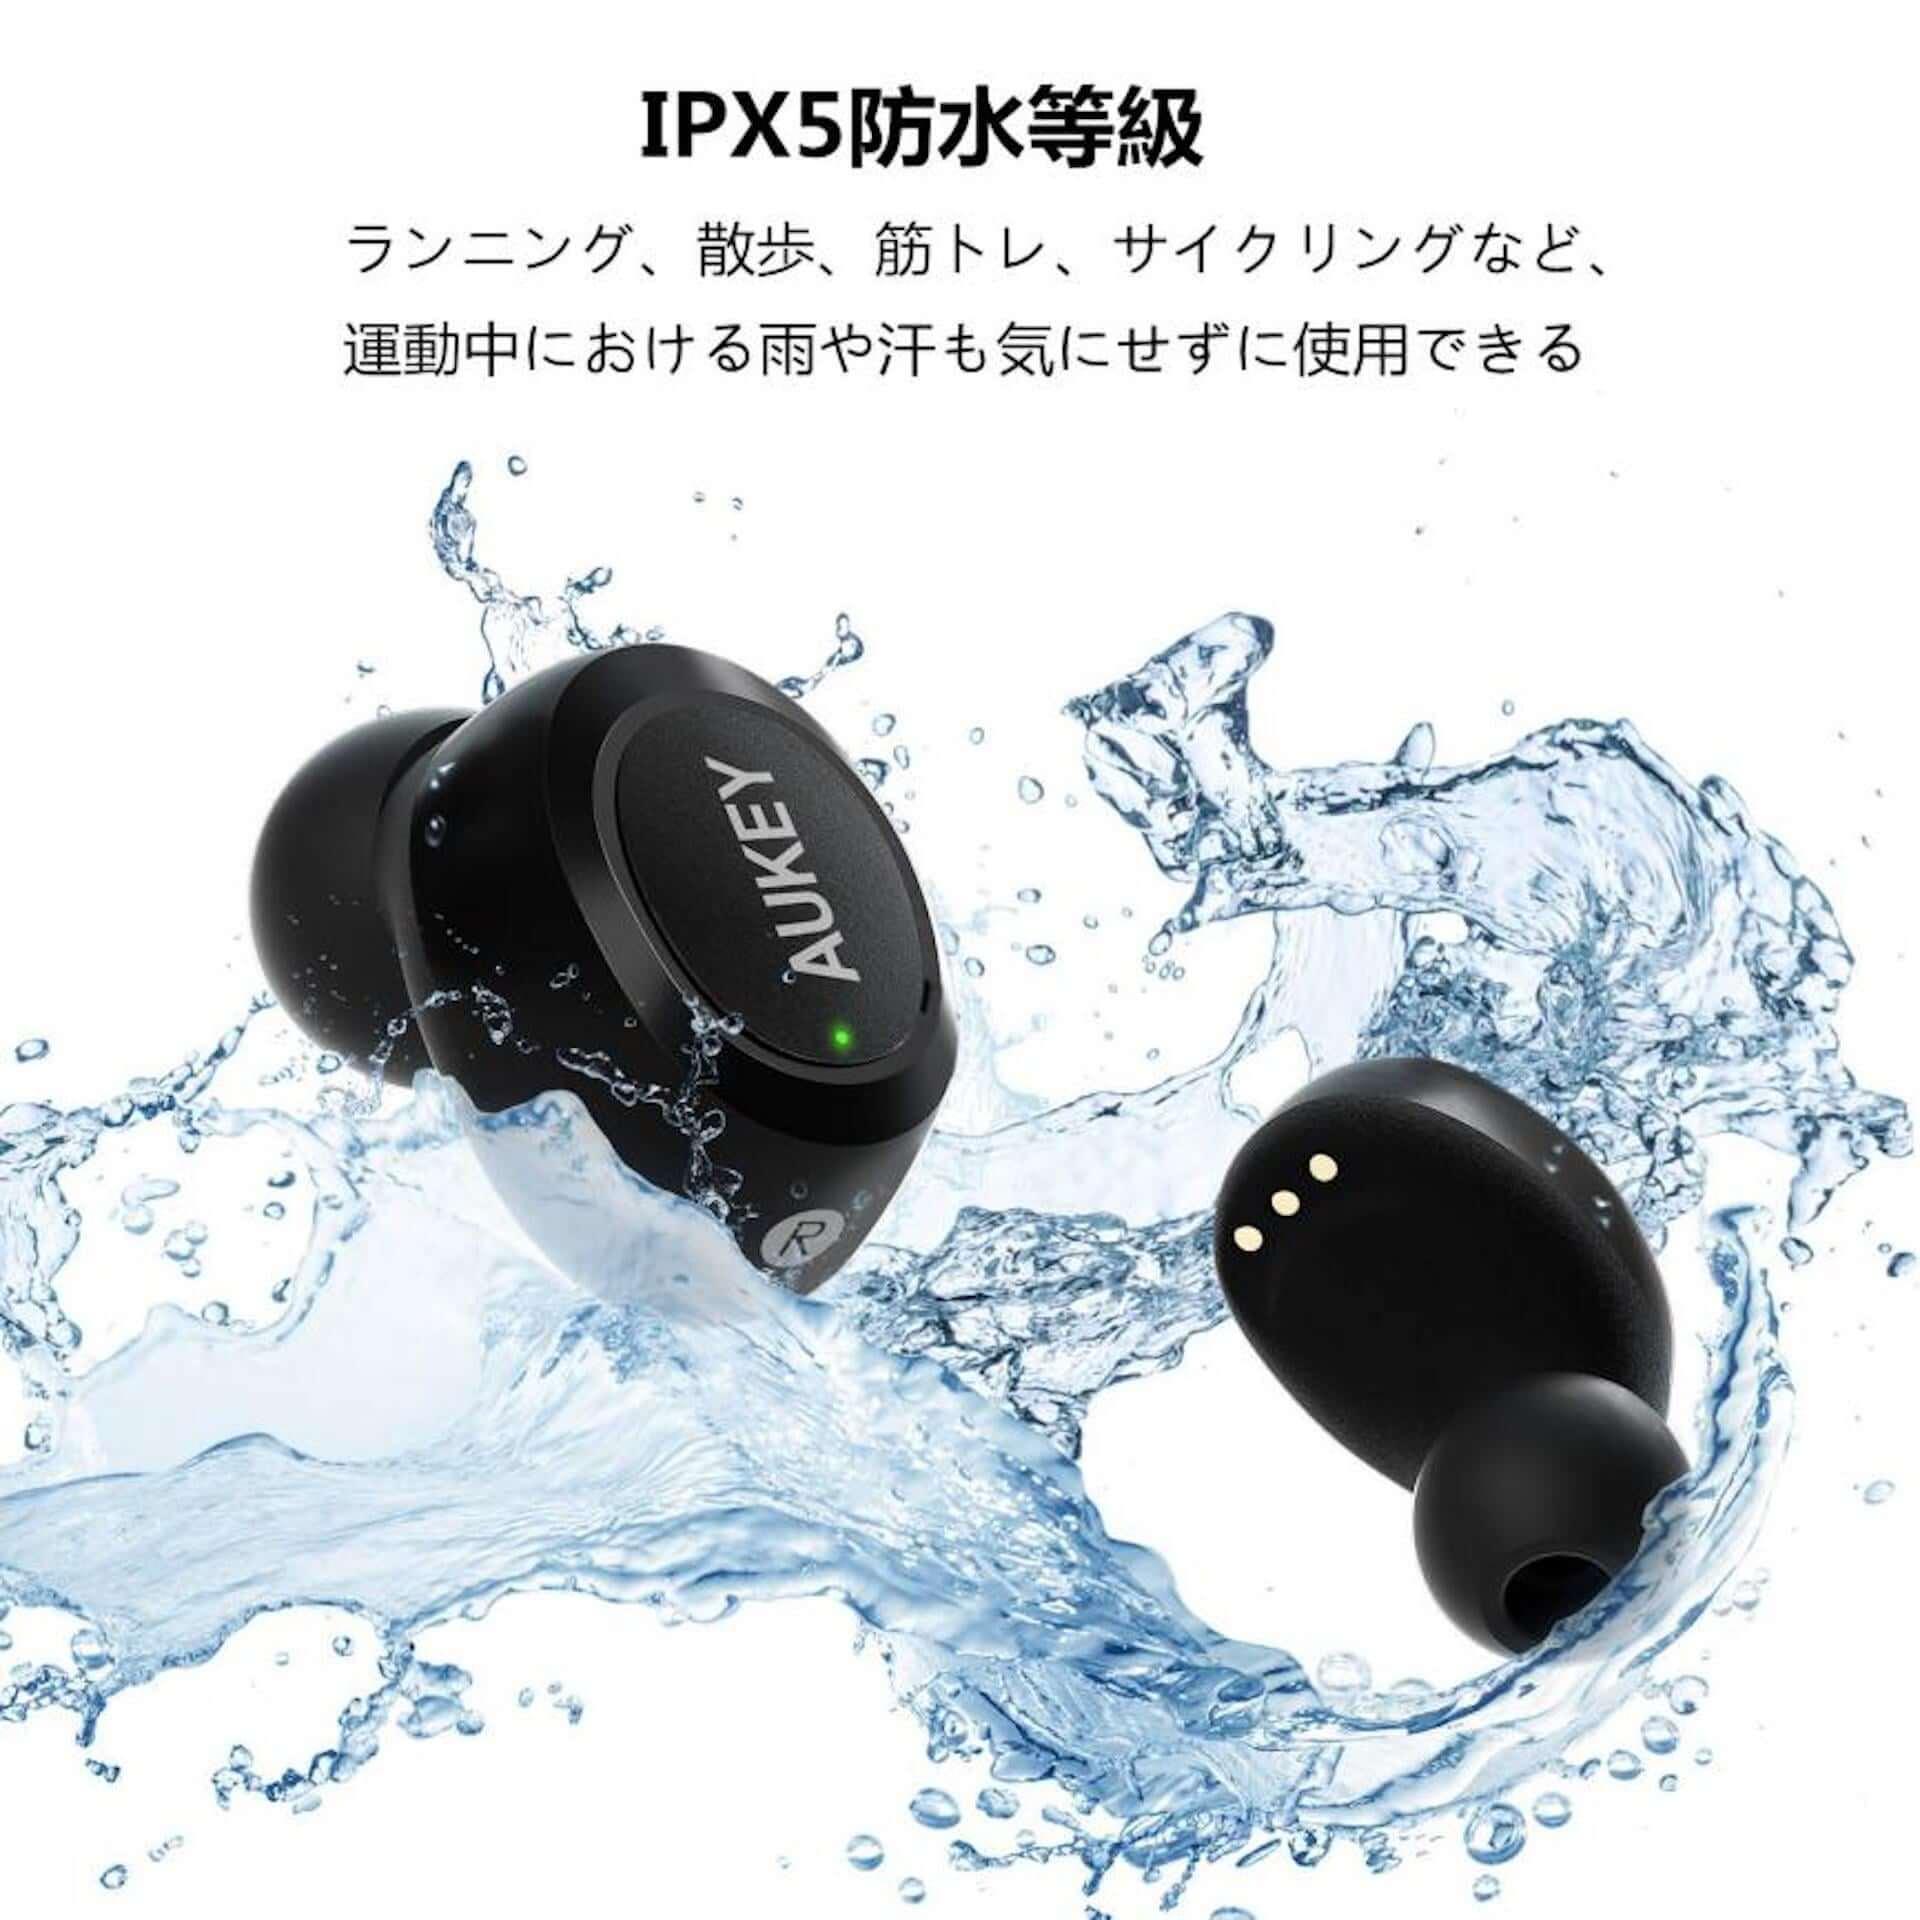 わずか4.5gでフィット感抜群!HI-FI高音質、防水性能を備えた完全ワイヤレスイヤホン「EP-T16S」が登場 technology190806aukey-earphone_6-1920x1920